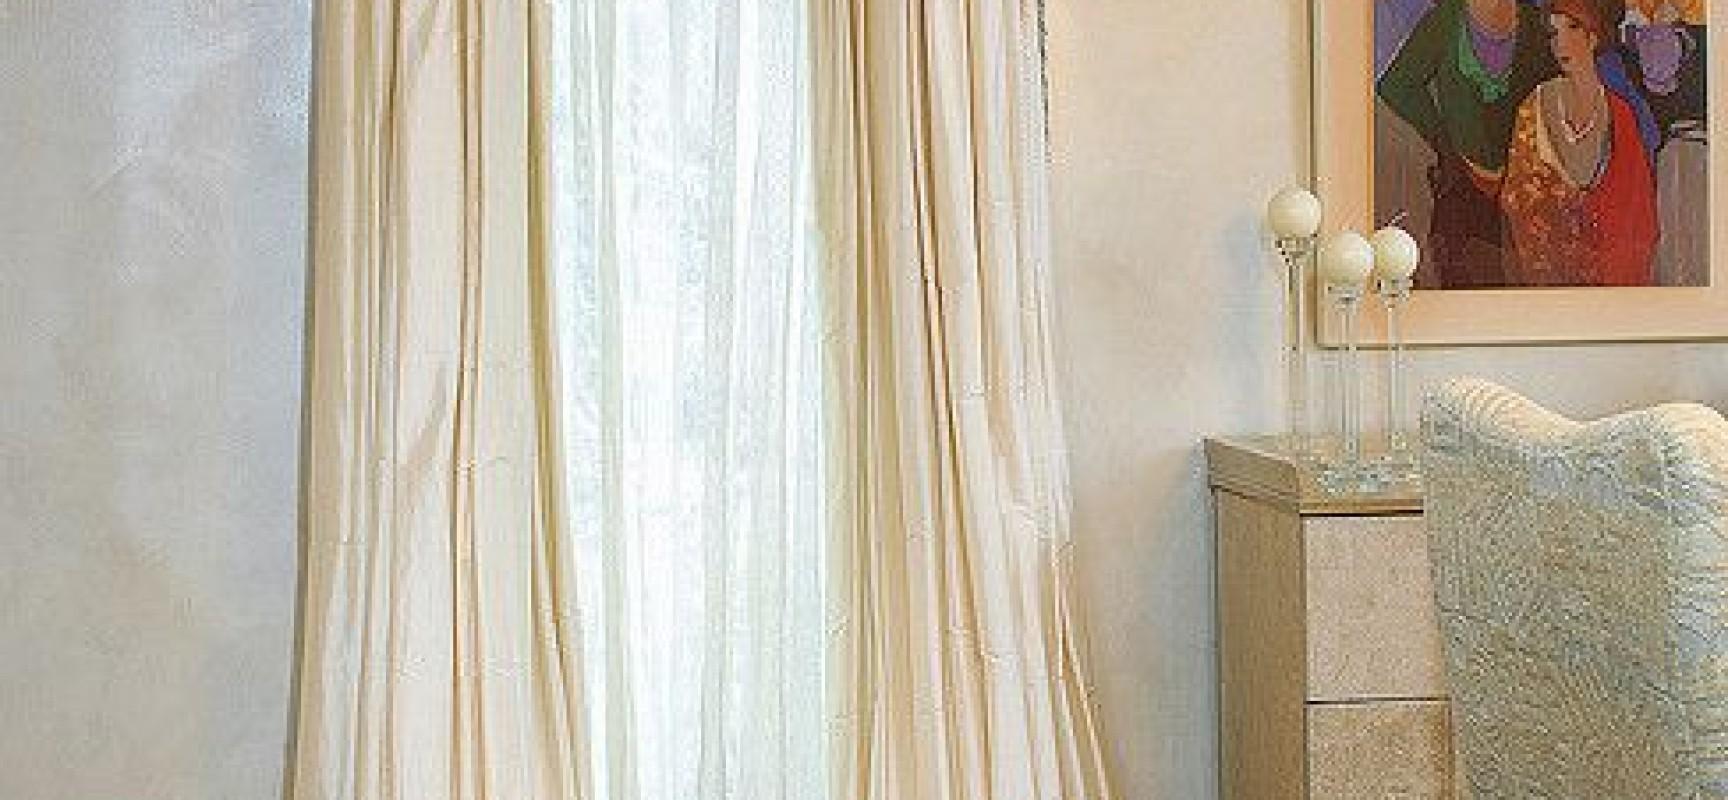 Como elegir las cortinas para la casa curso de - Como elegir cortinas ...